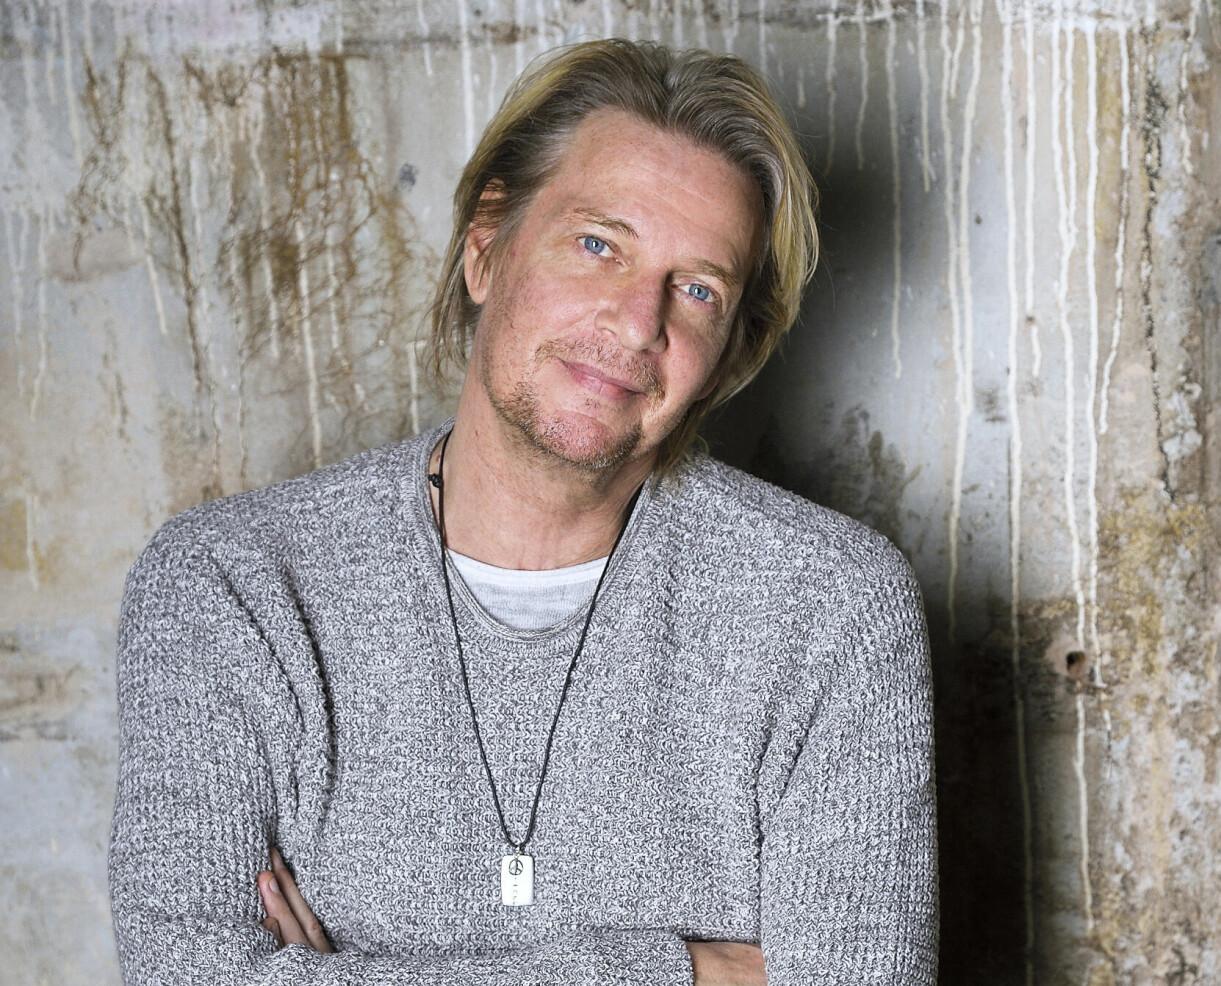 Artisten Tommy Nilsson, med en sliten betongvägg i bakgrunden, blickar framåt, och ser tillbaka på sitt liv och sin karriär.